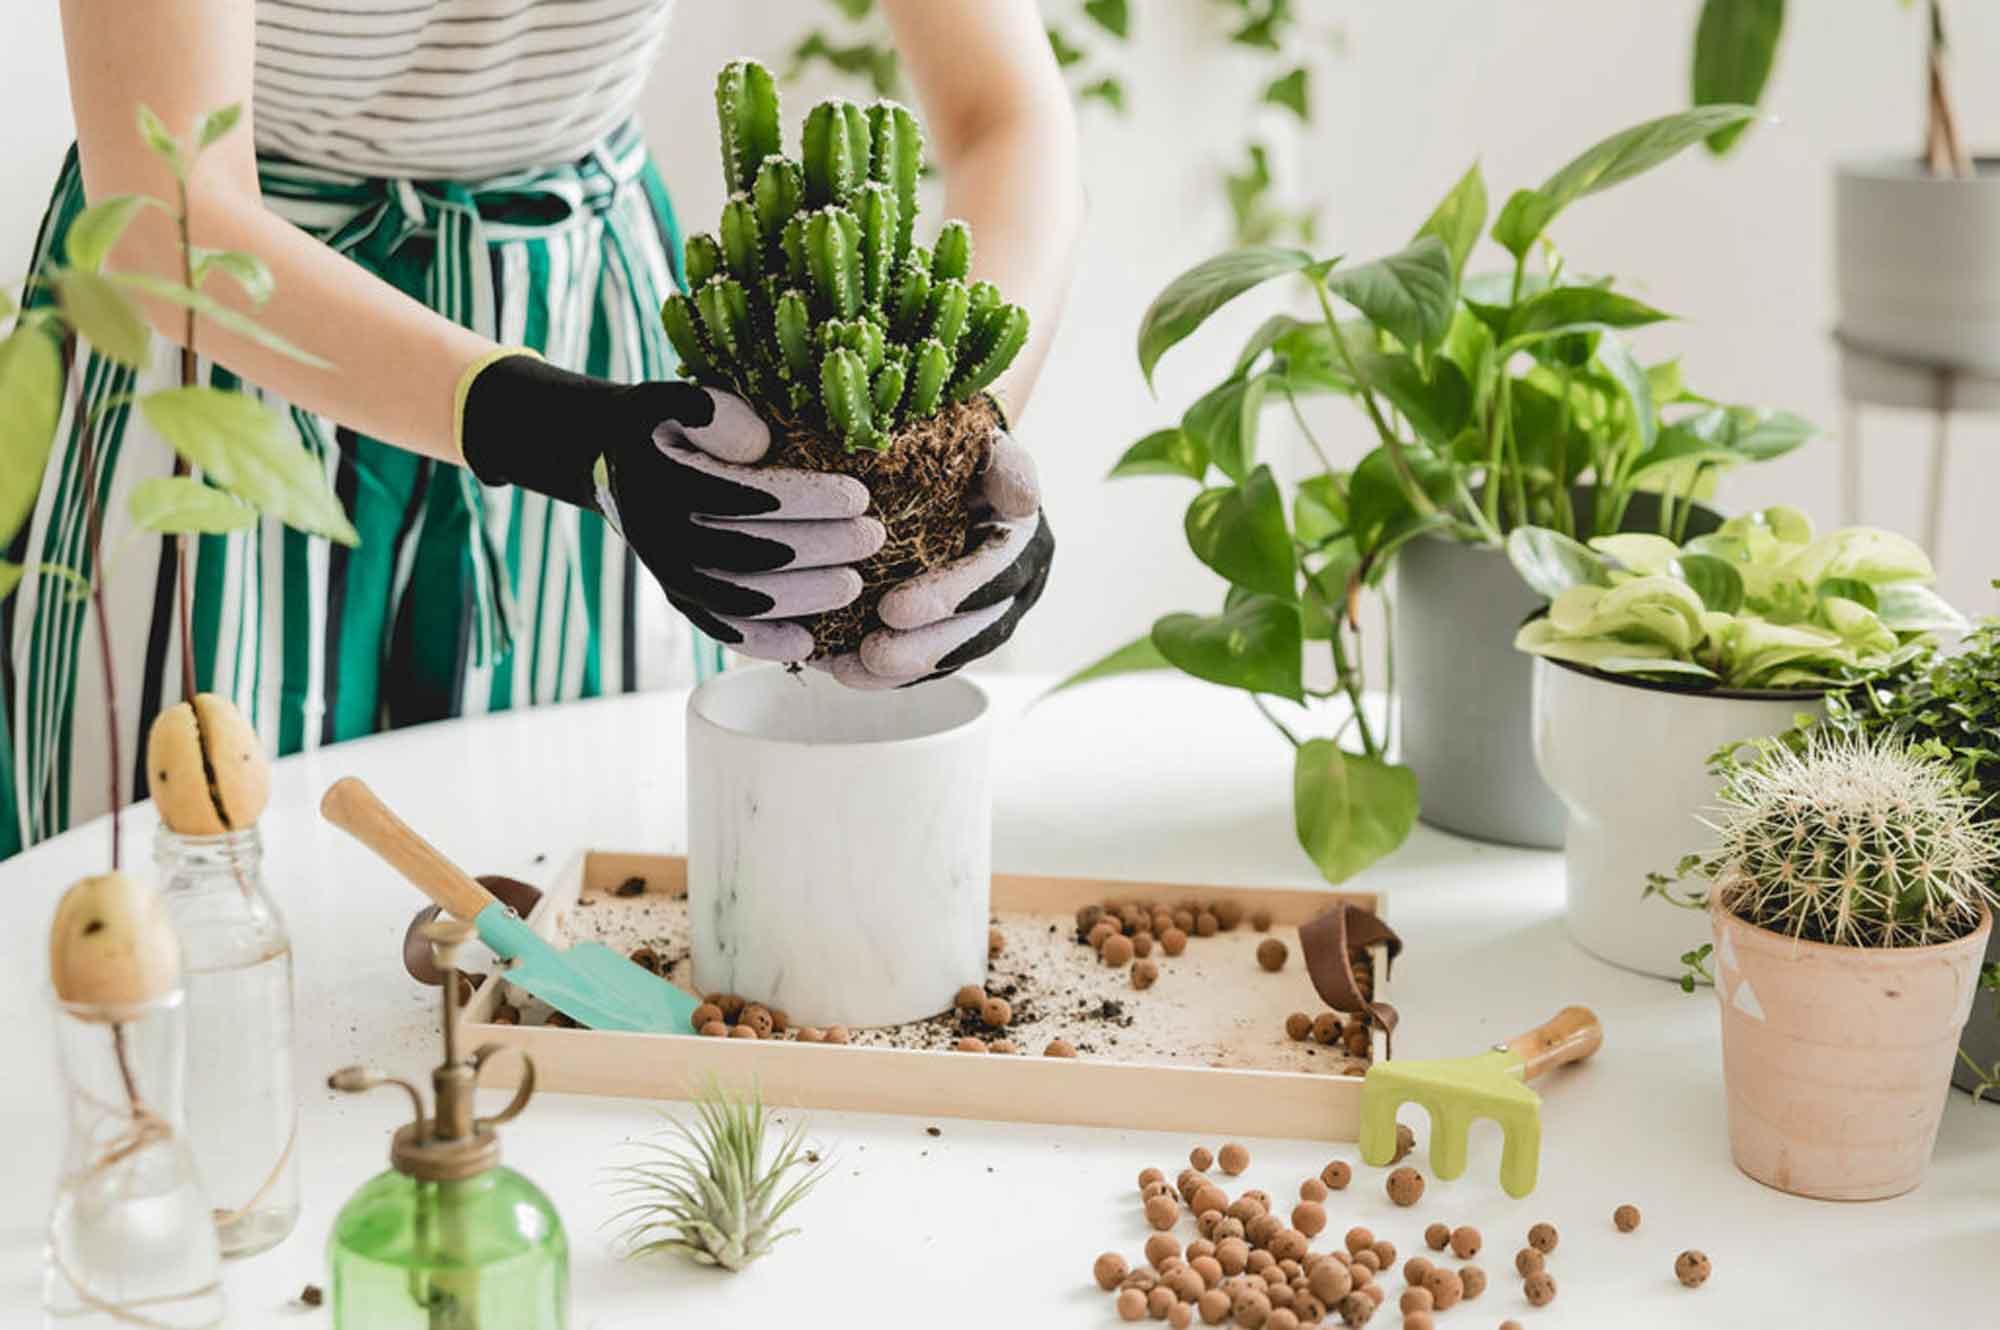 fleuriste-bouquet de fleurs-compositions florales-decoration florale-creation florale-livraison de fleurs